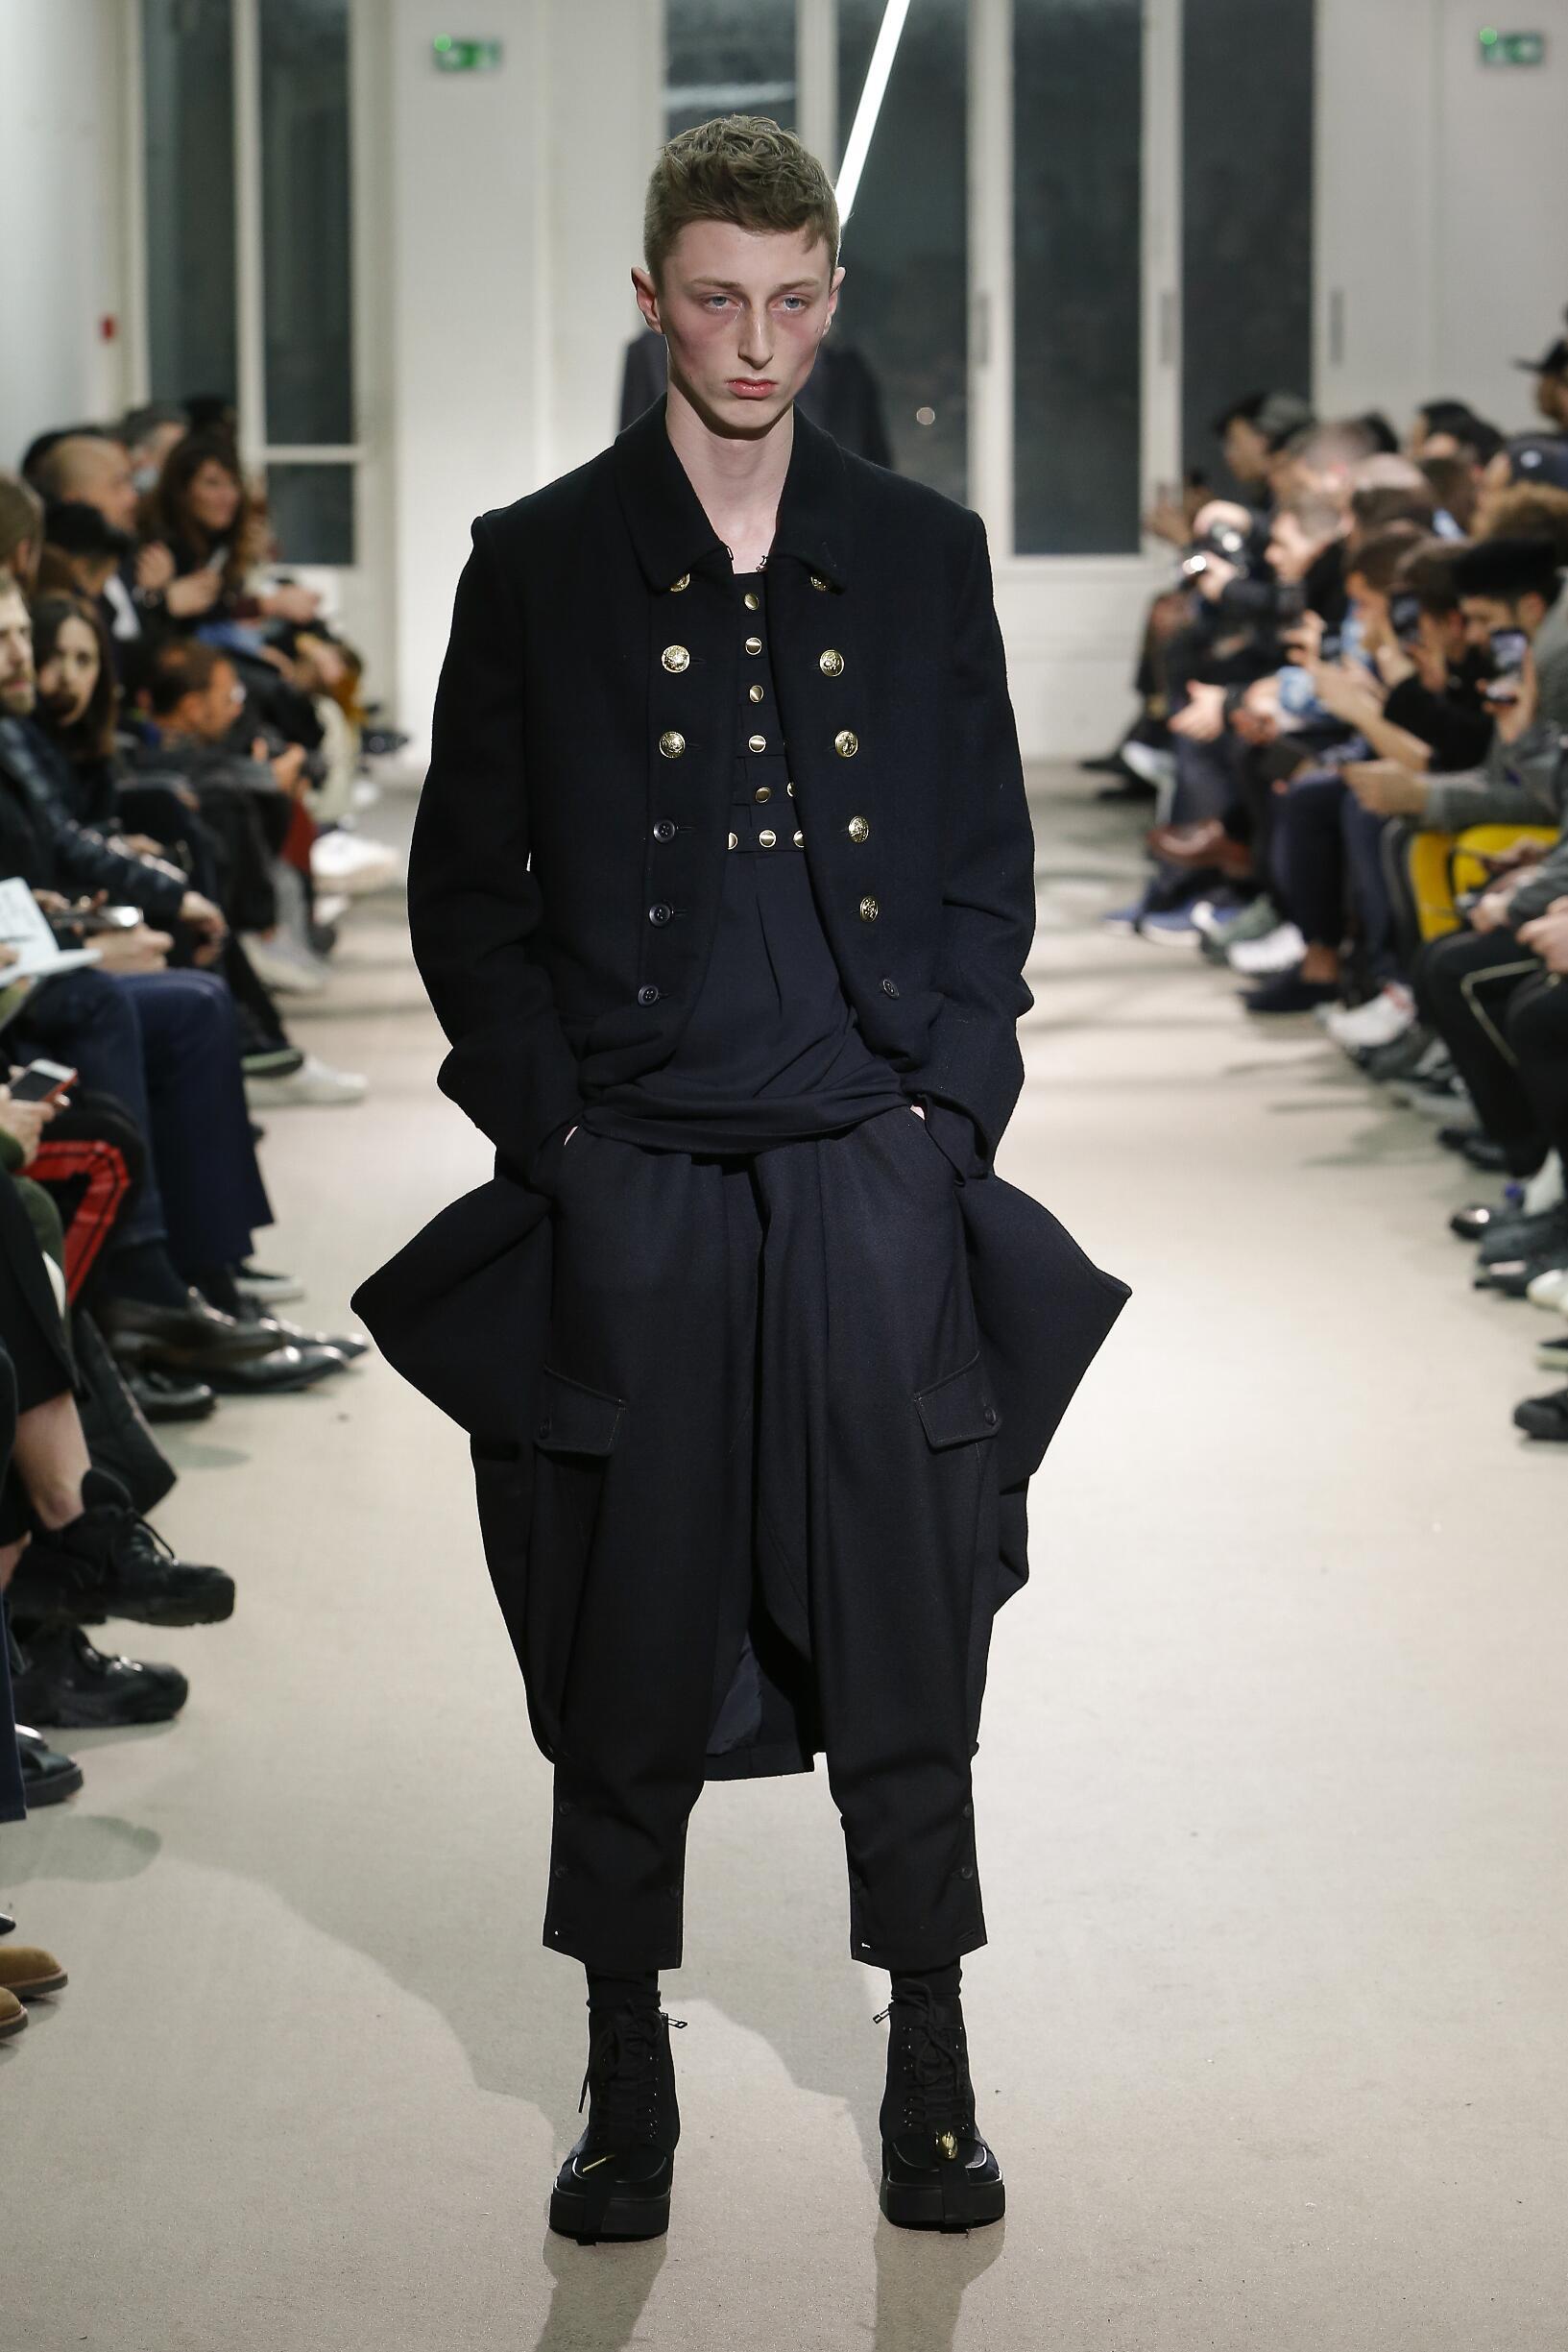 Catwalk Yohji Yamamoto Man Fashion Show Winter 2019